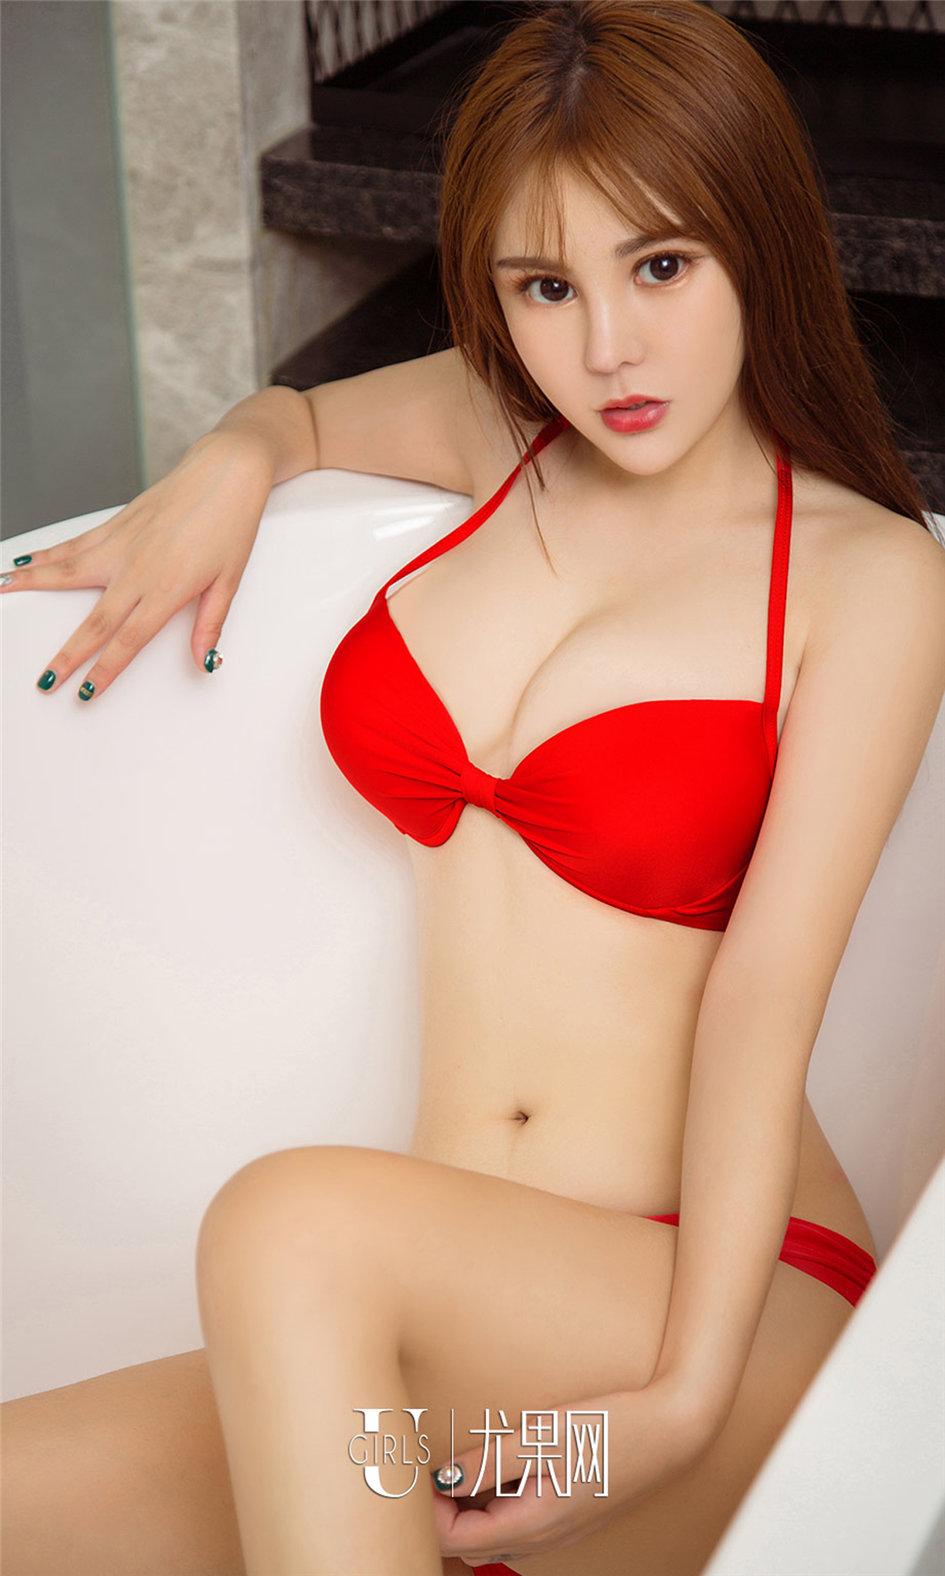 [ugirls尤果网] 性感养眼美女刘雨潼大胆高清写真图片